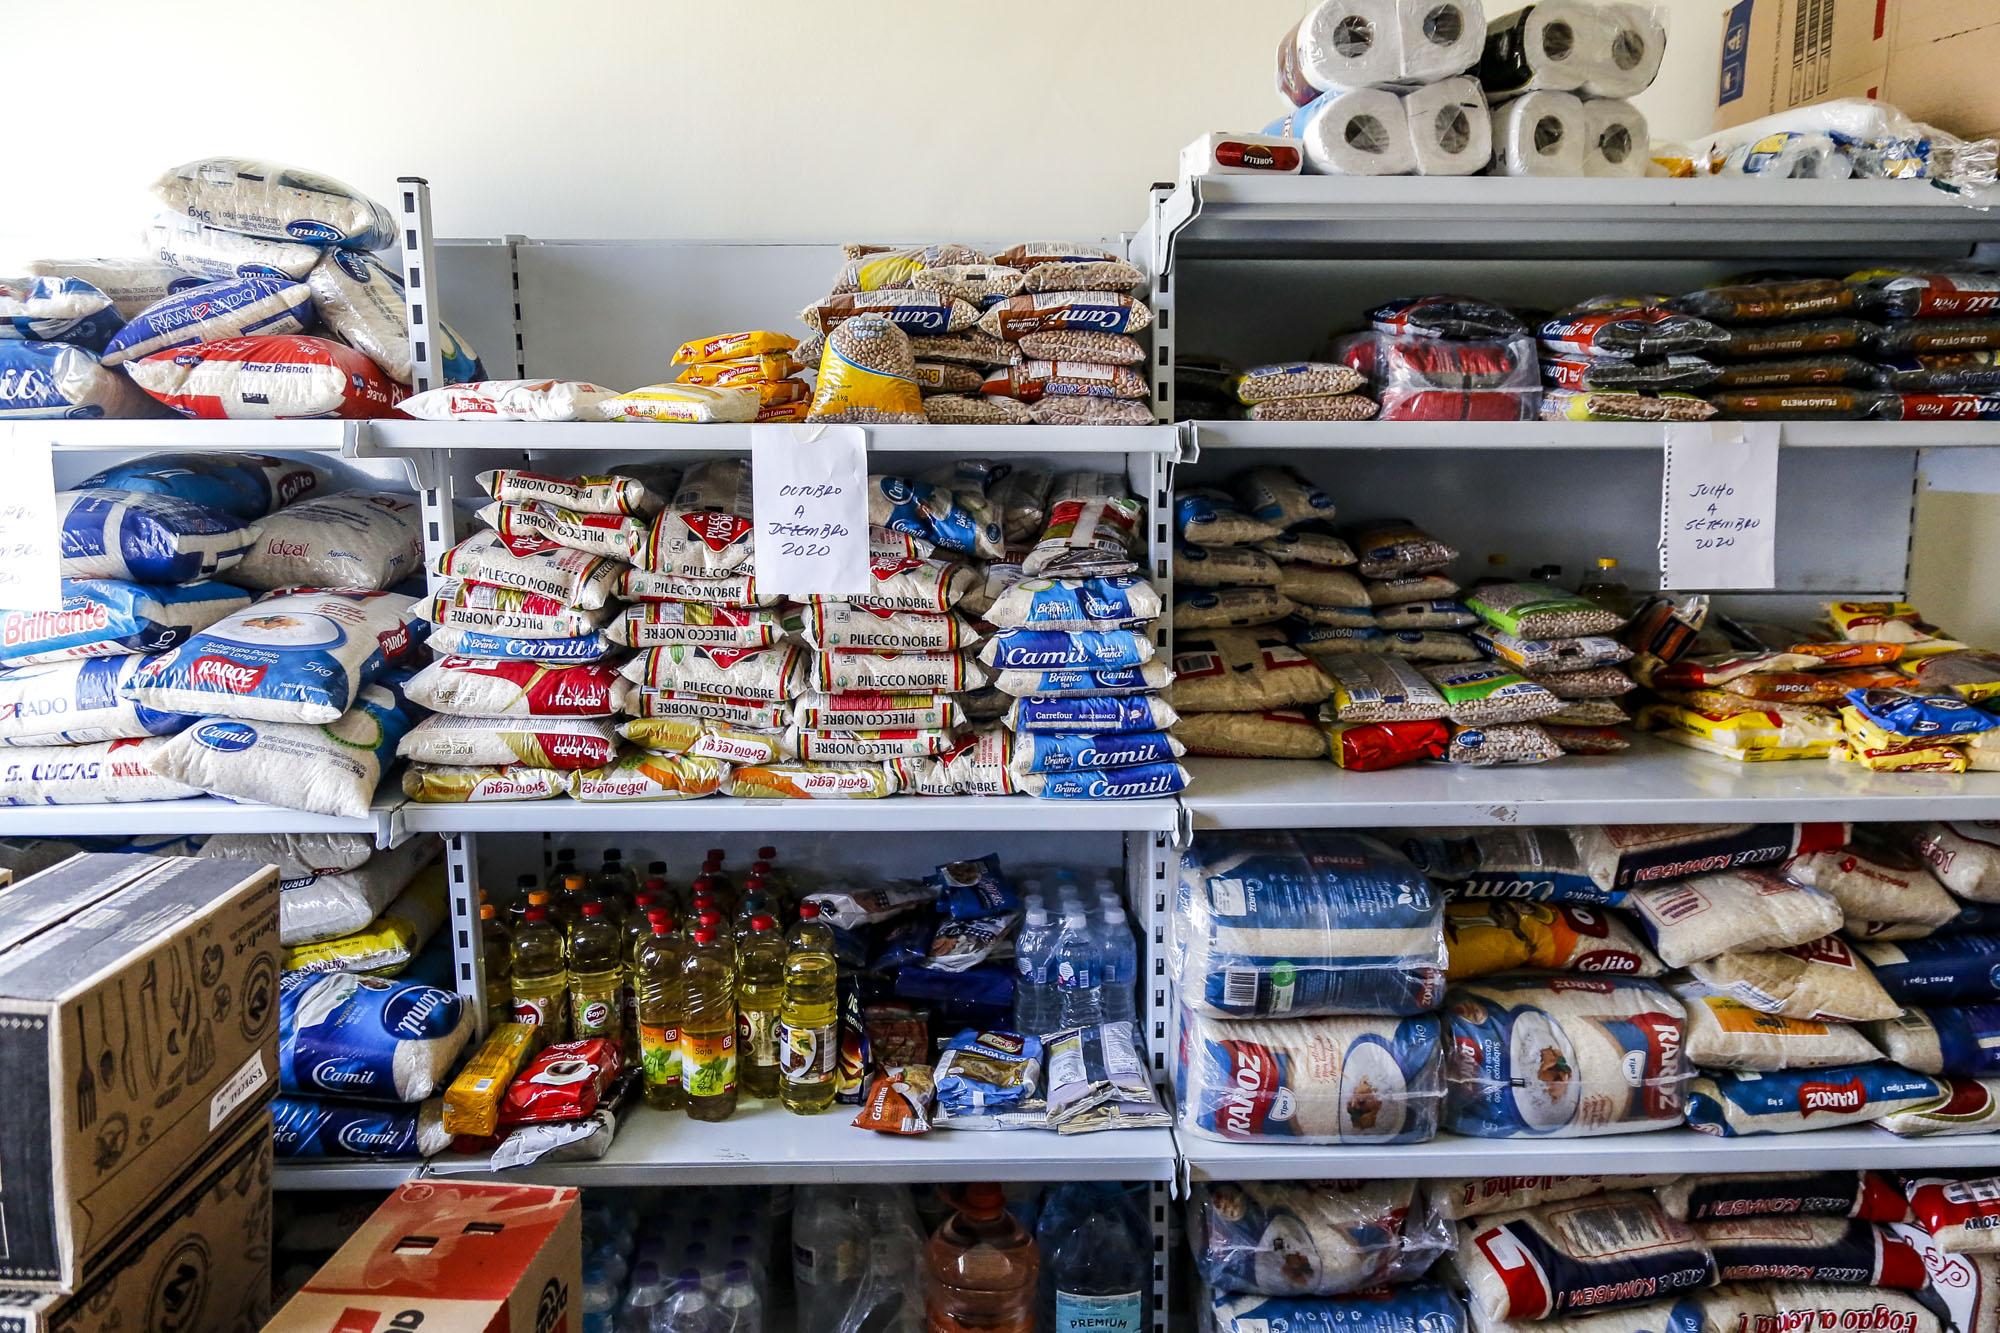 Alimentos separados para doação no Hospital da Cruz Vermelha Brasileira, em São Paulo (Divulgação: Prefeitura de São Paulo)